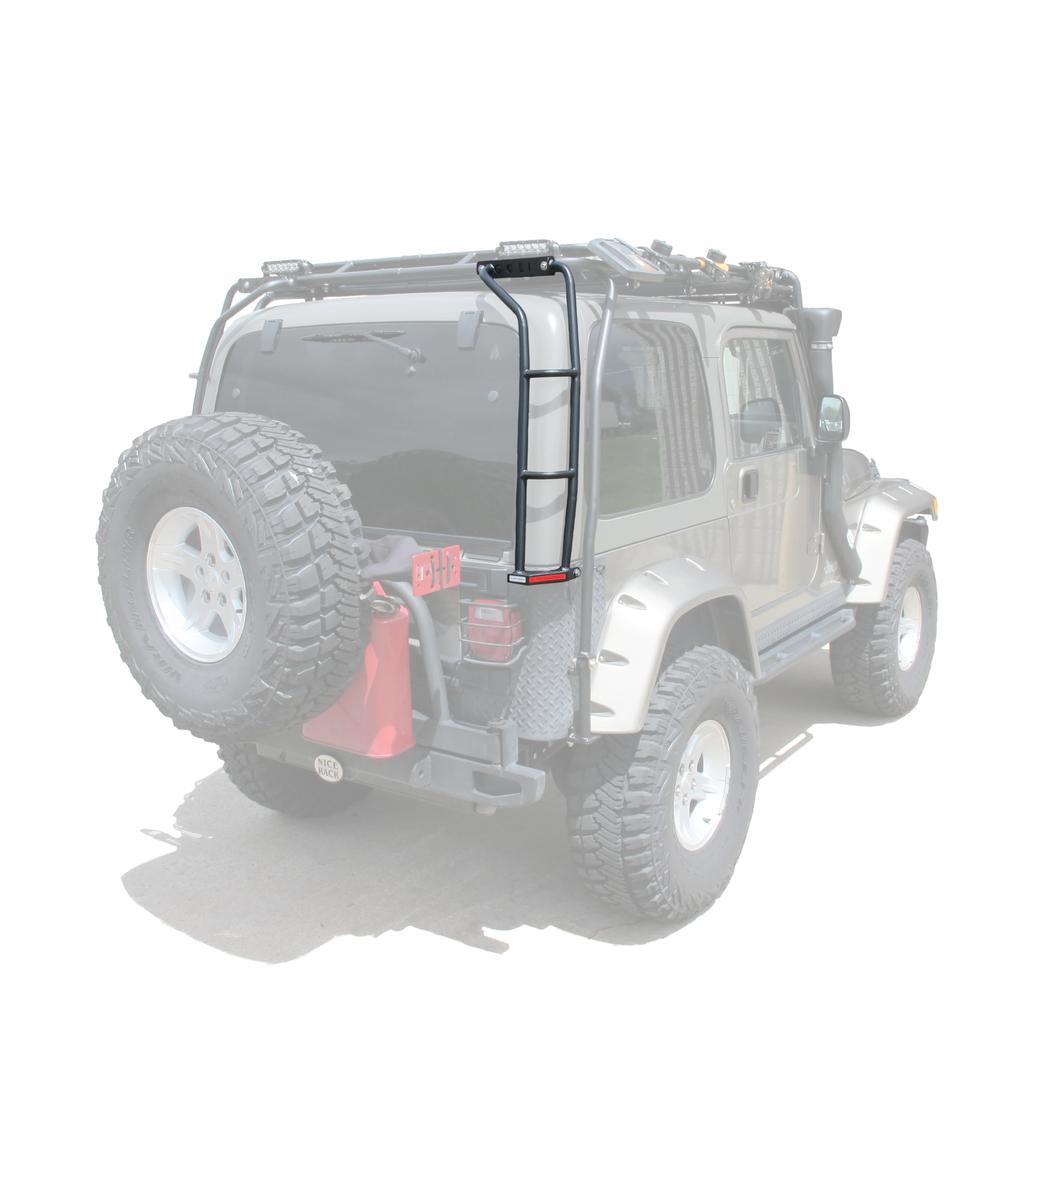 Jeep Wrangler Tj Rear Ladder Passenger Side Gobi